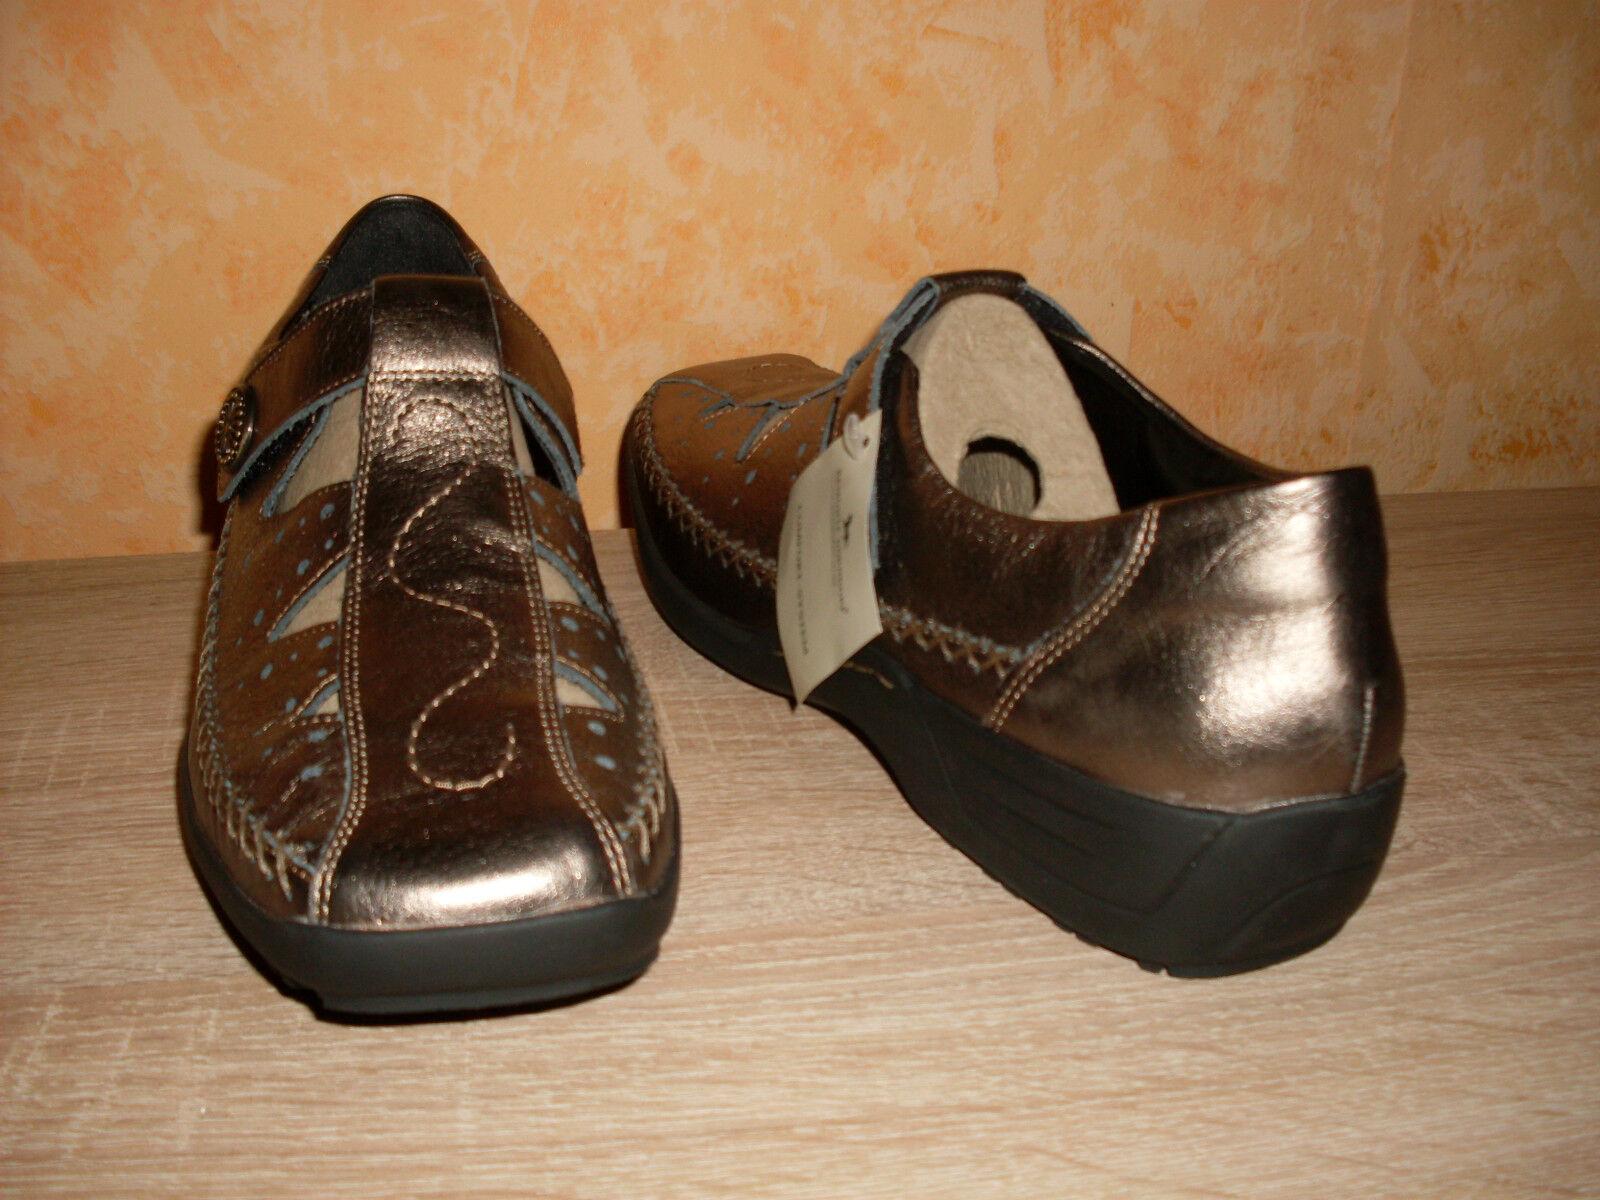 Dorndorf Klettslipper NEU Gr. 9 sehr 43 in bronze & Leder sehr 9 bequem lose Einlagen 505bf5